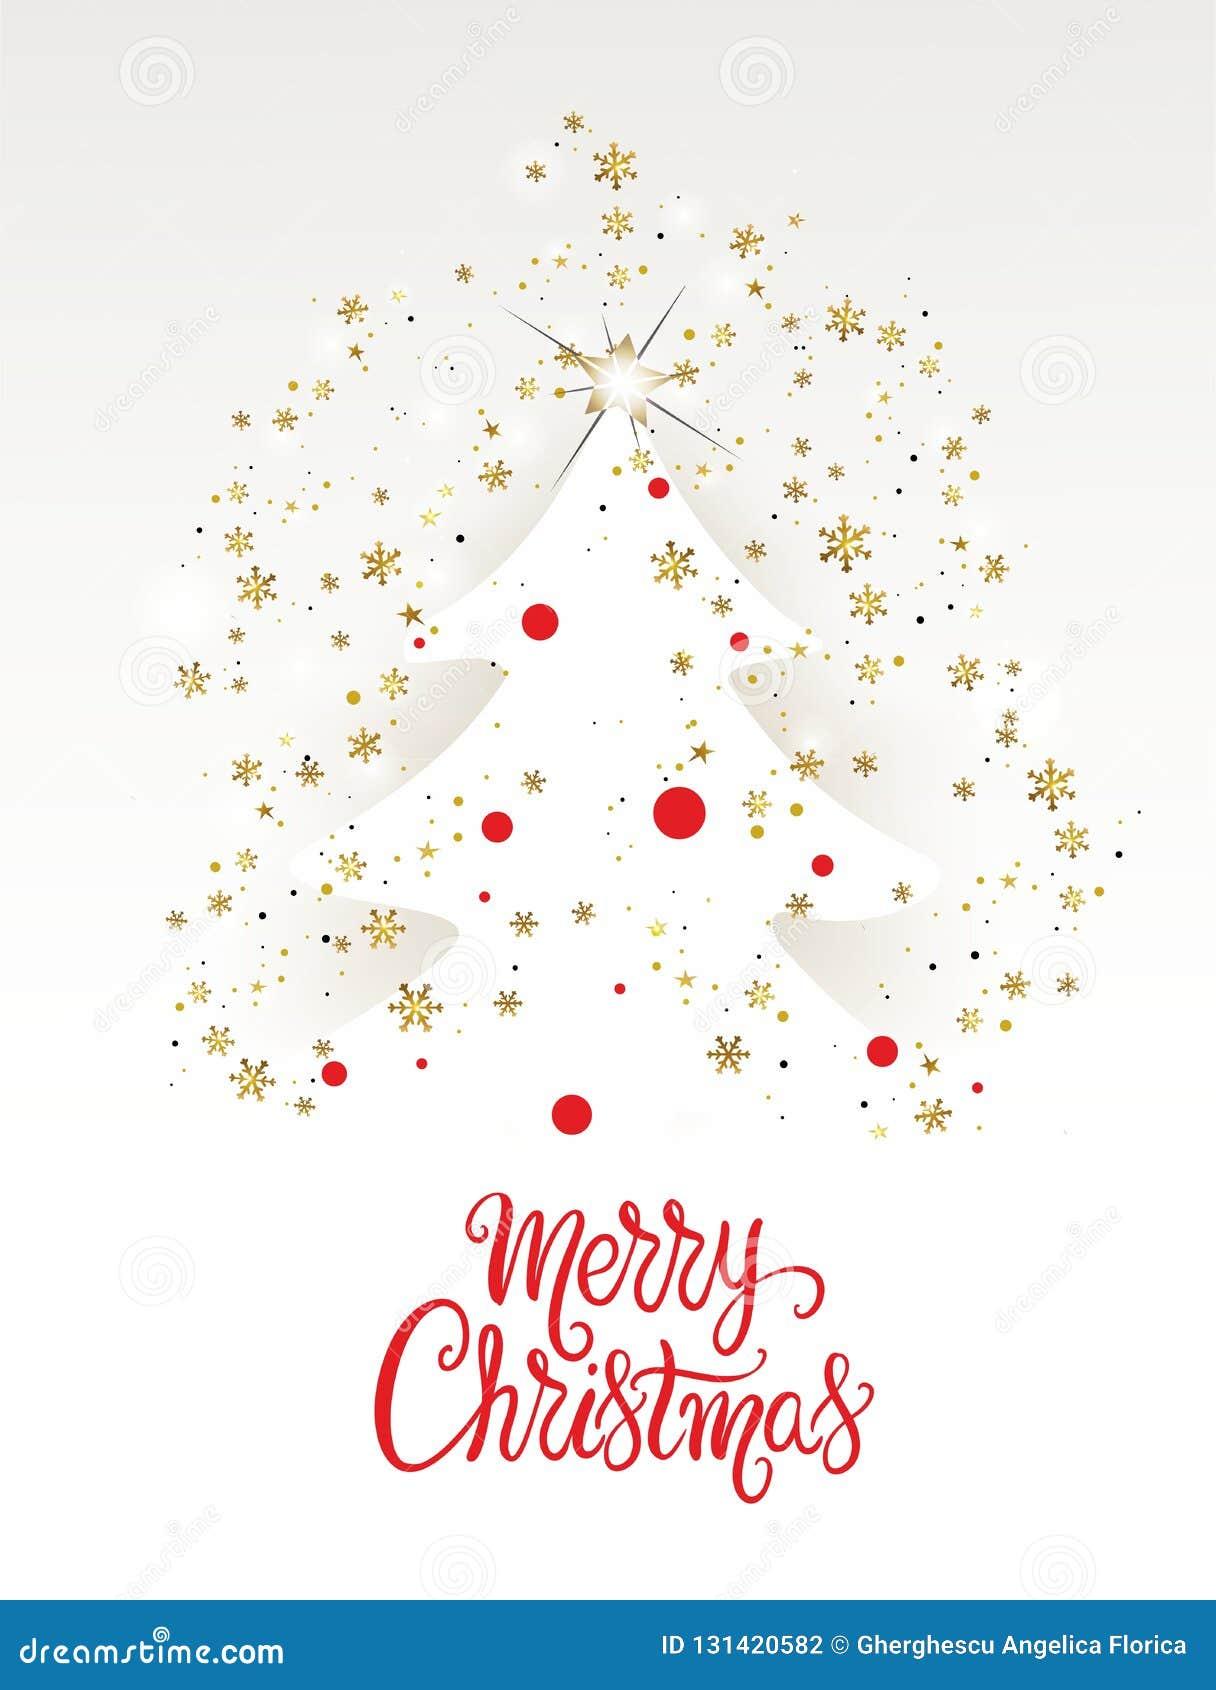 Cartão com flocos de neve dourados - vetor da árvore de Natal